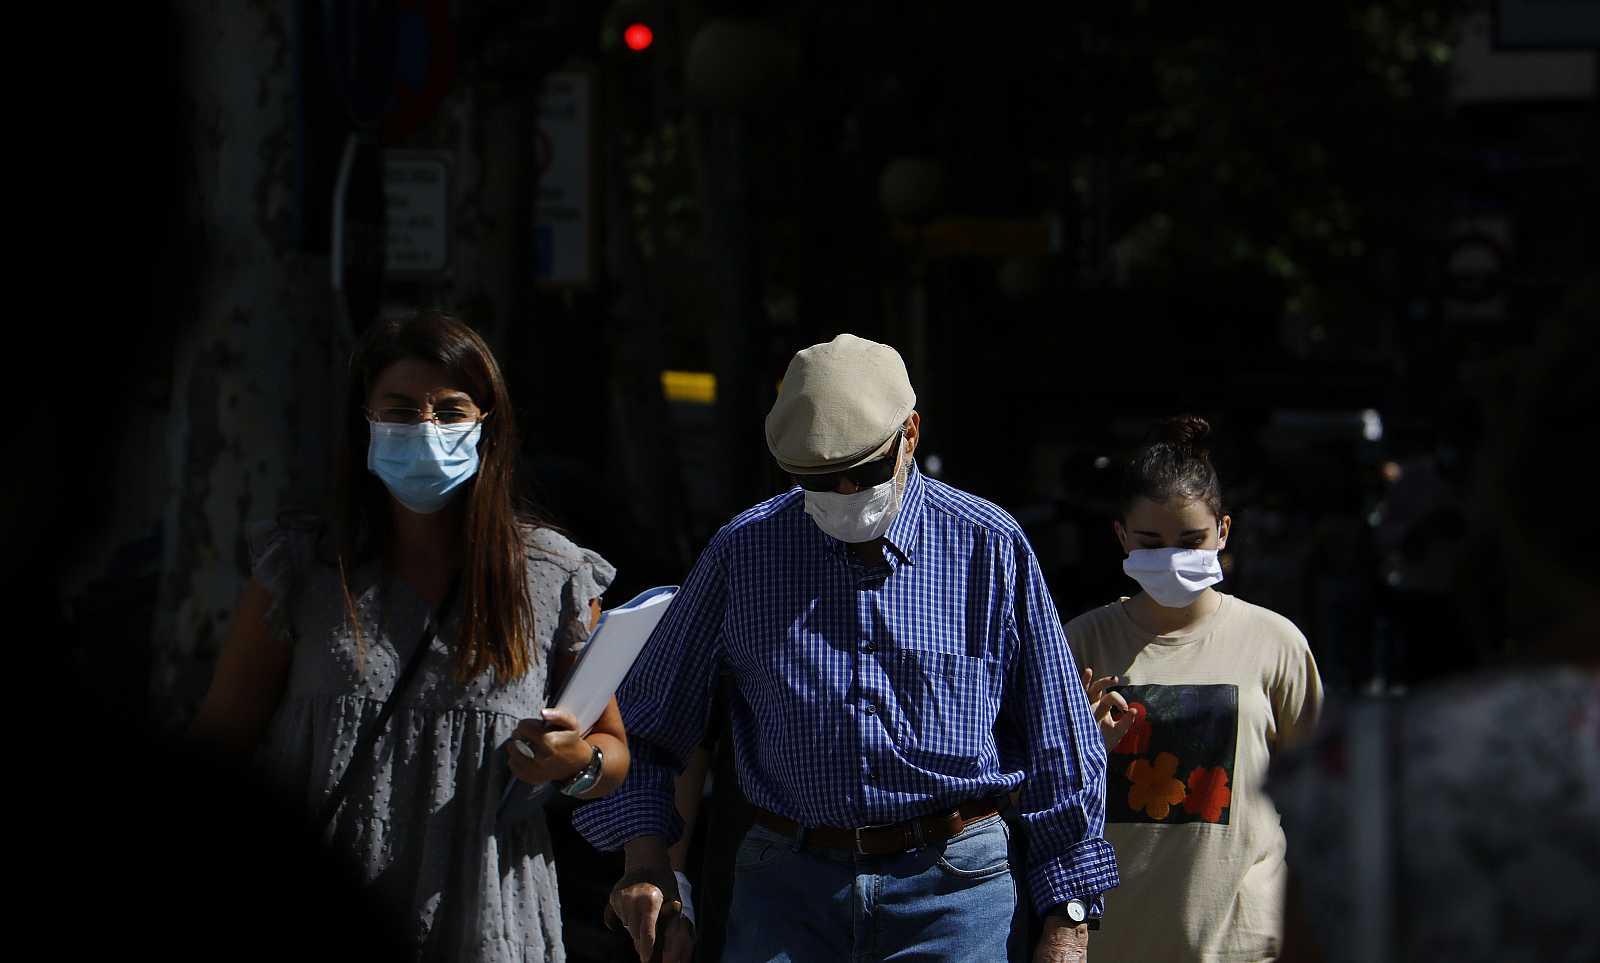 El departamento de Salud vasco prohíbe el uso mascarillas de tela en  hospitales y centros de salud de Gipuzkoa y Vizcaya